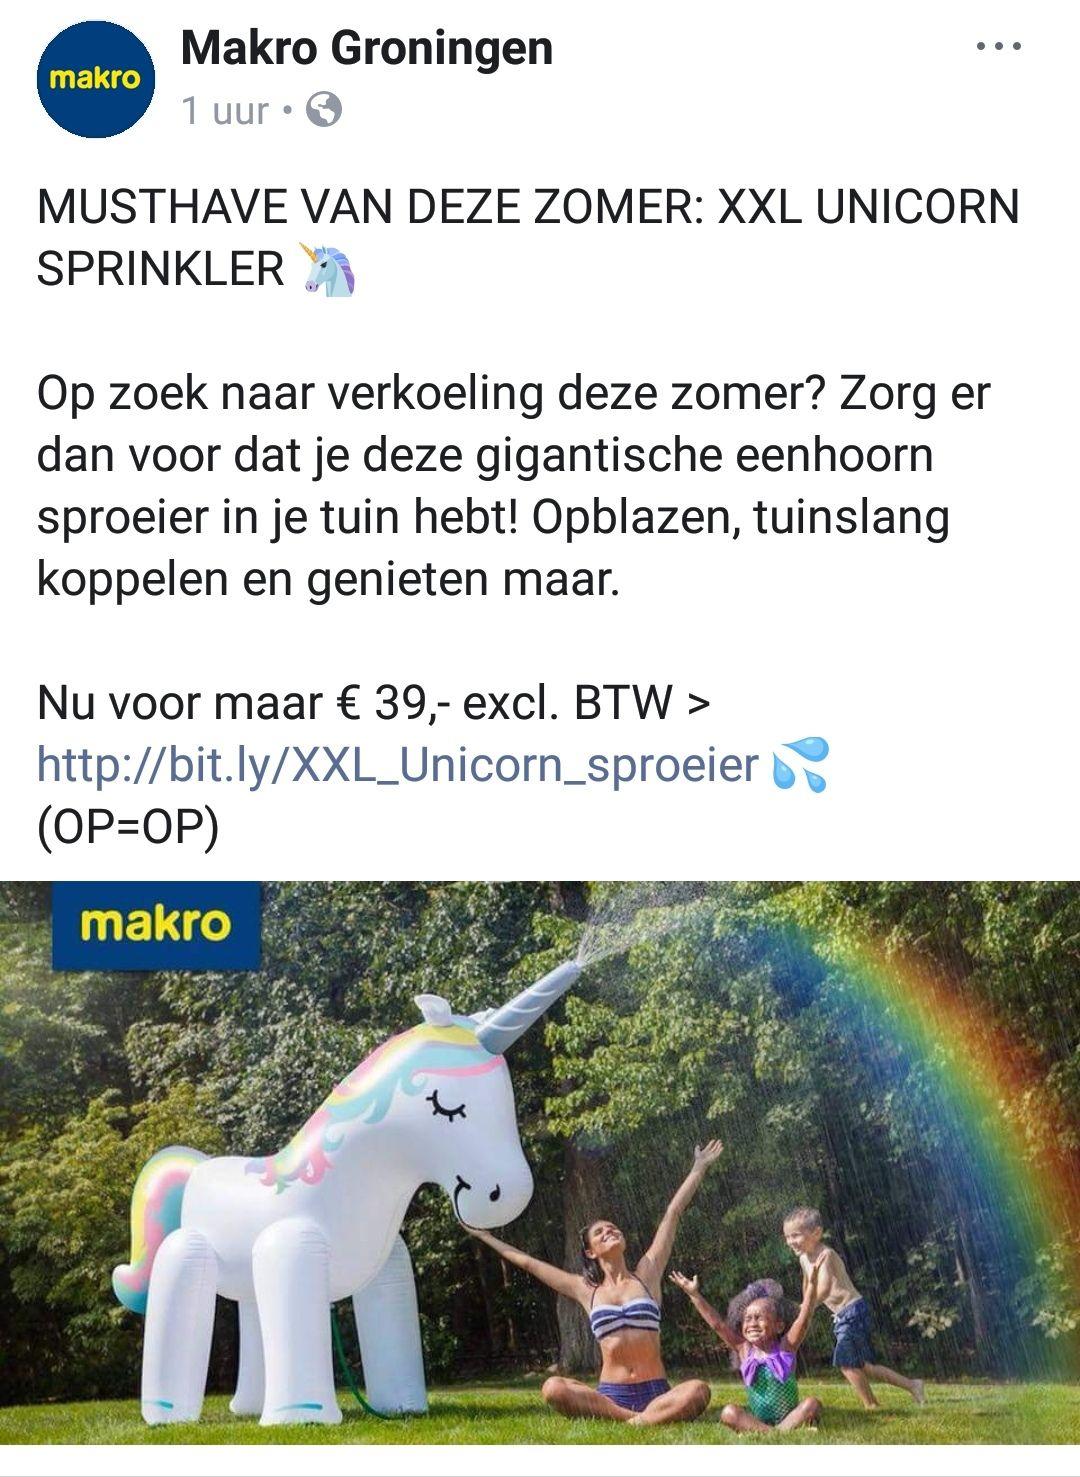 Mega opblaasbare unicorn 2 meter hoog.